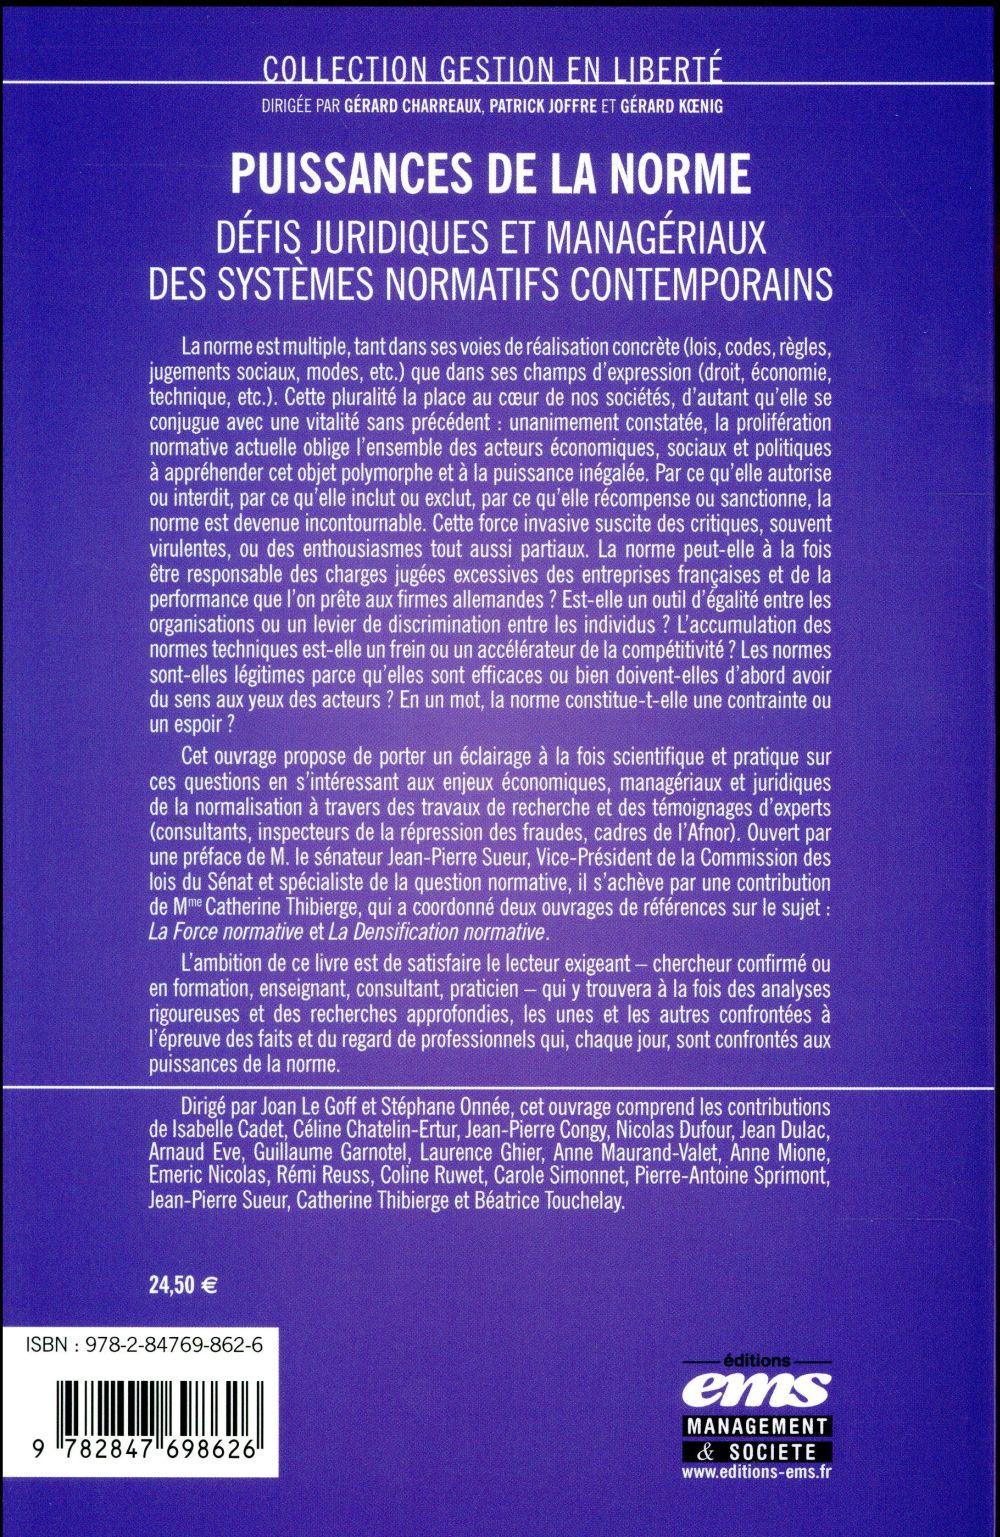 Puissances de la norme ; défis juridiques et managériaux des systèmes normatifs contemporains